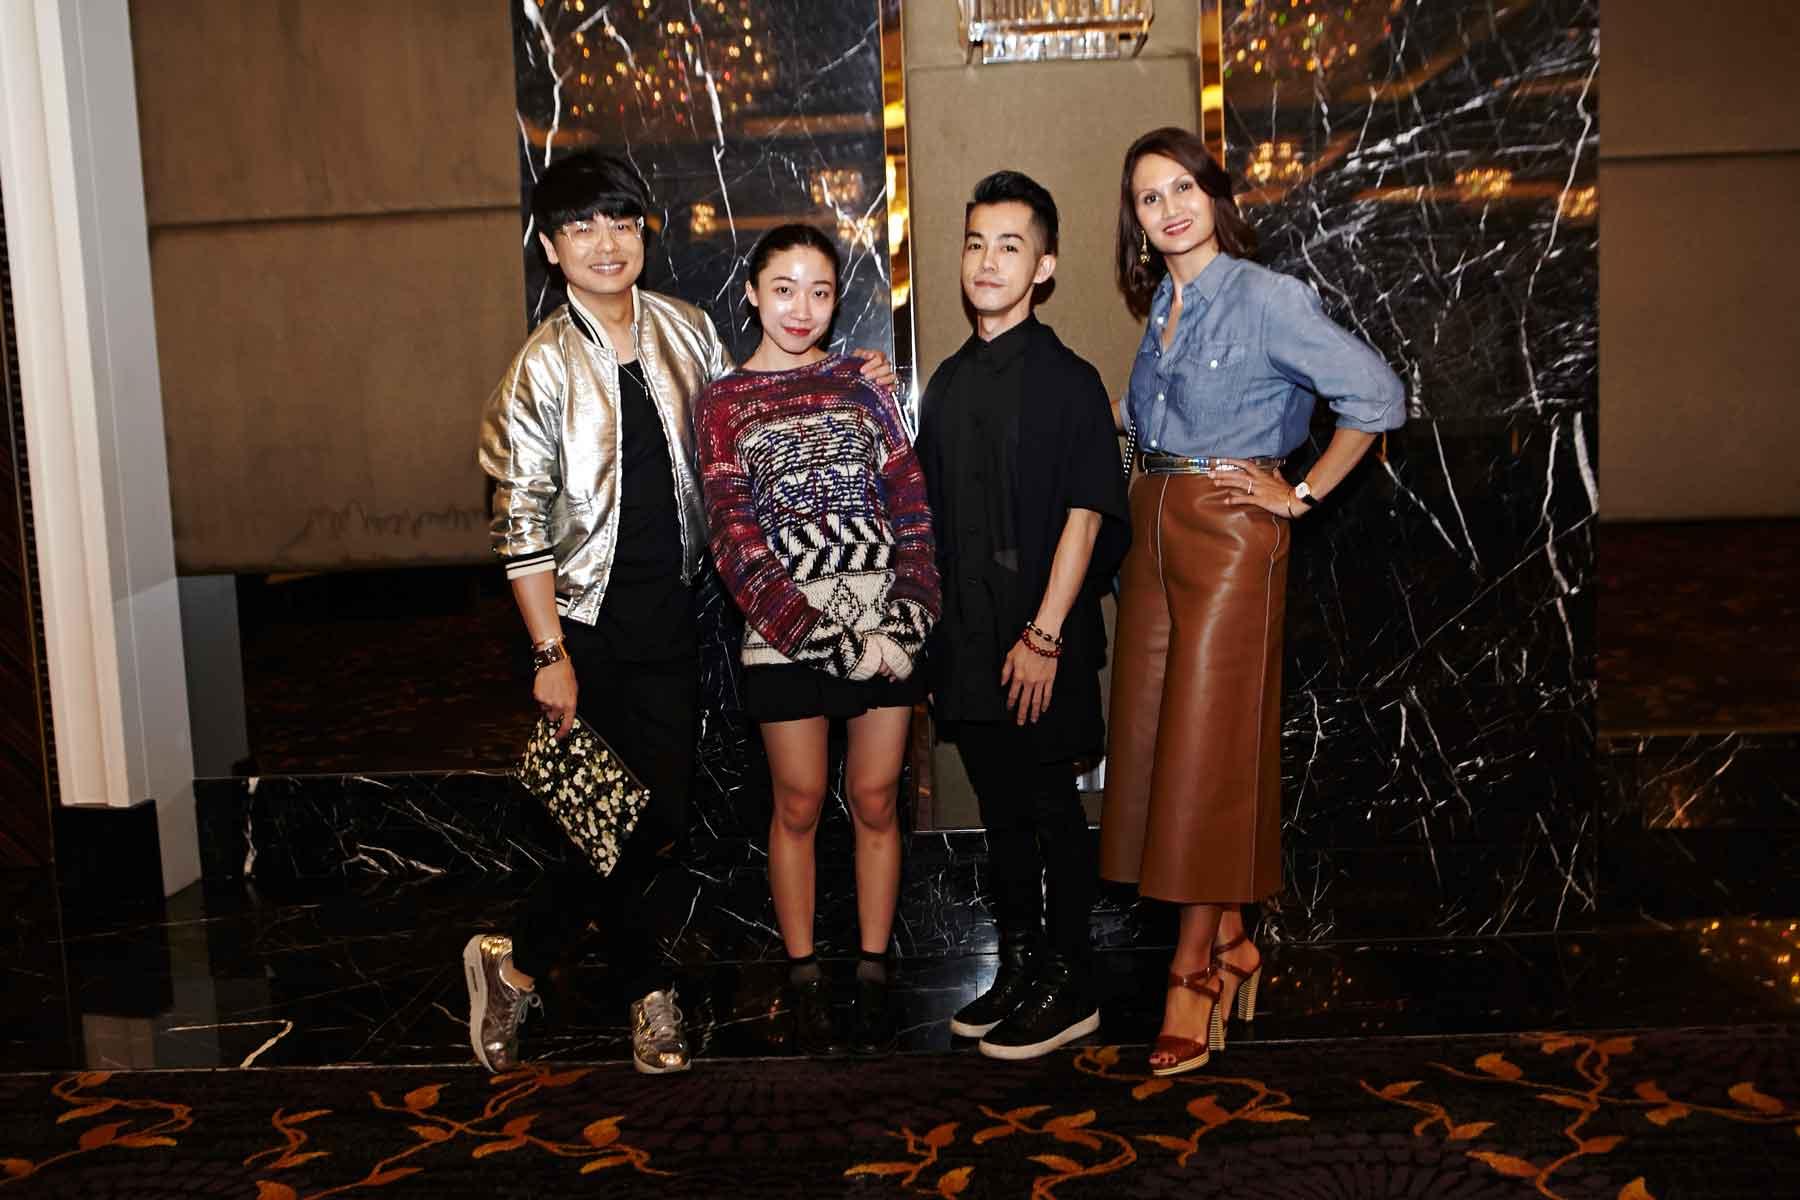 Kenneth Goh, Evelyn Chia, Alwyn Chua, and Natasha Kraal